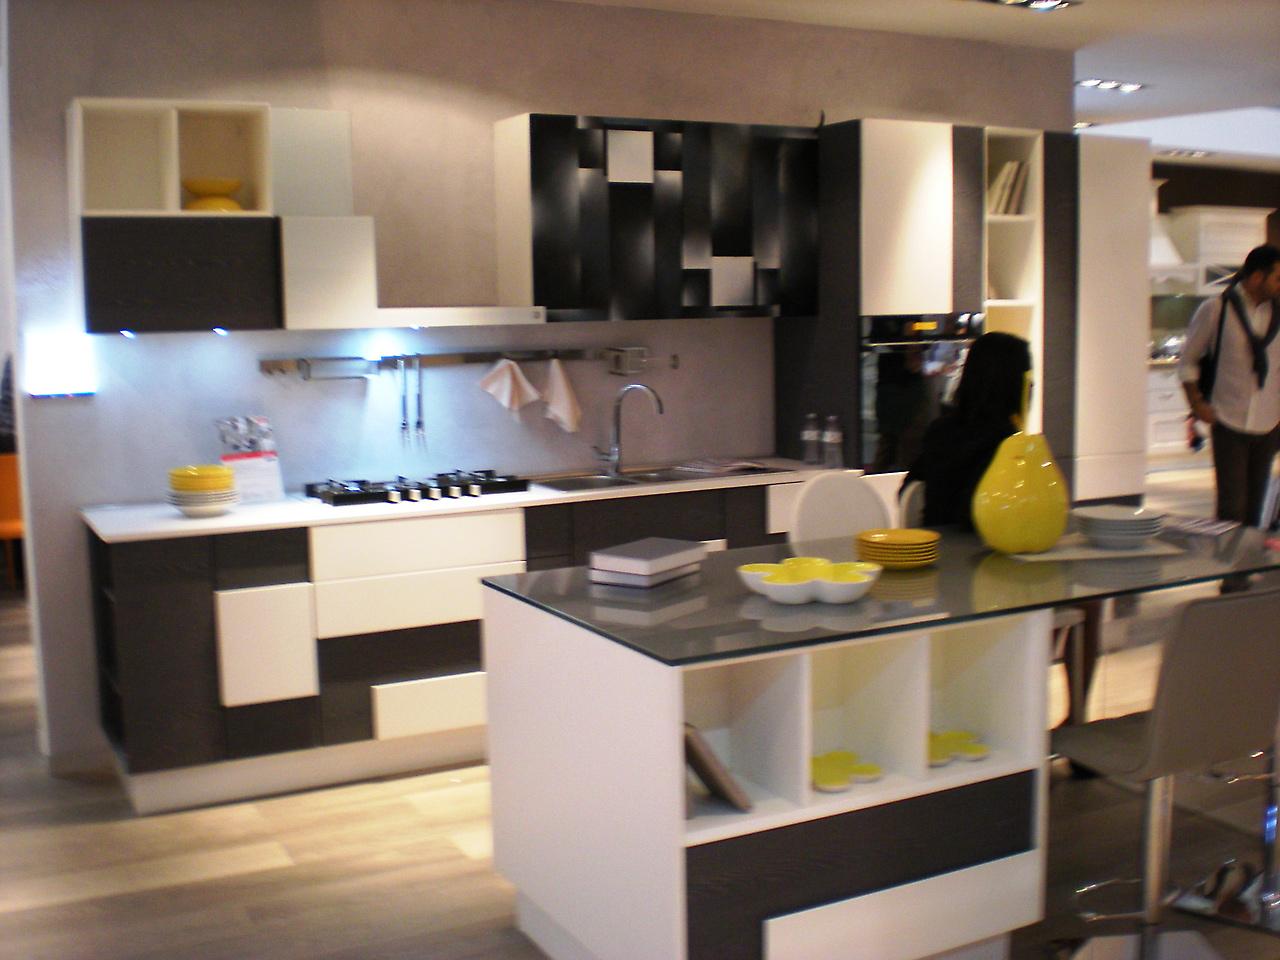 Cucine lube a roma per moa casa 2013   cucine lube